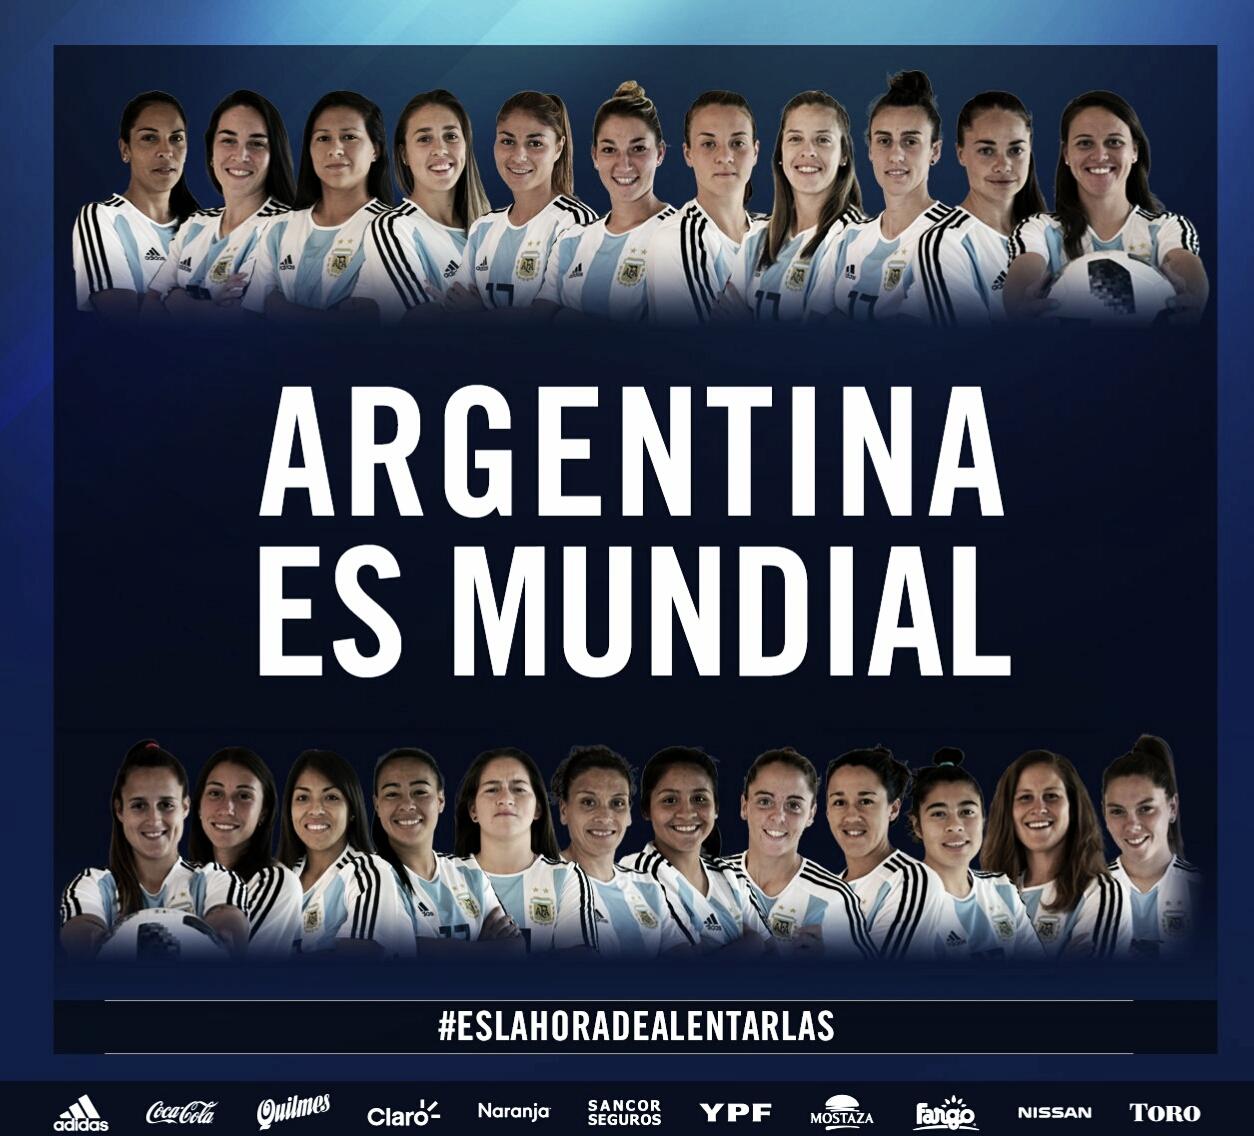 Fútbol femenino: La Selección Argentina se clasificó al Mundial de Francia después de 11 años